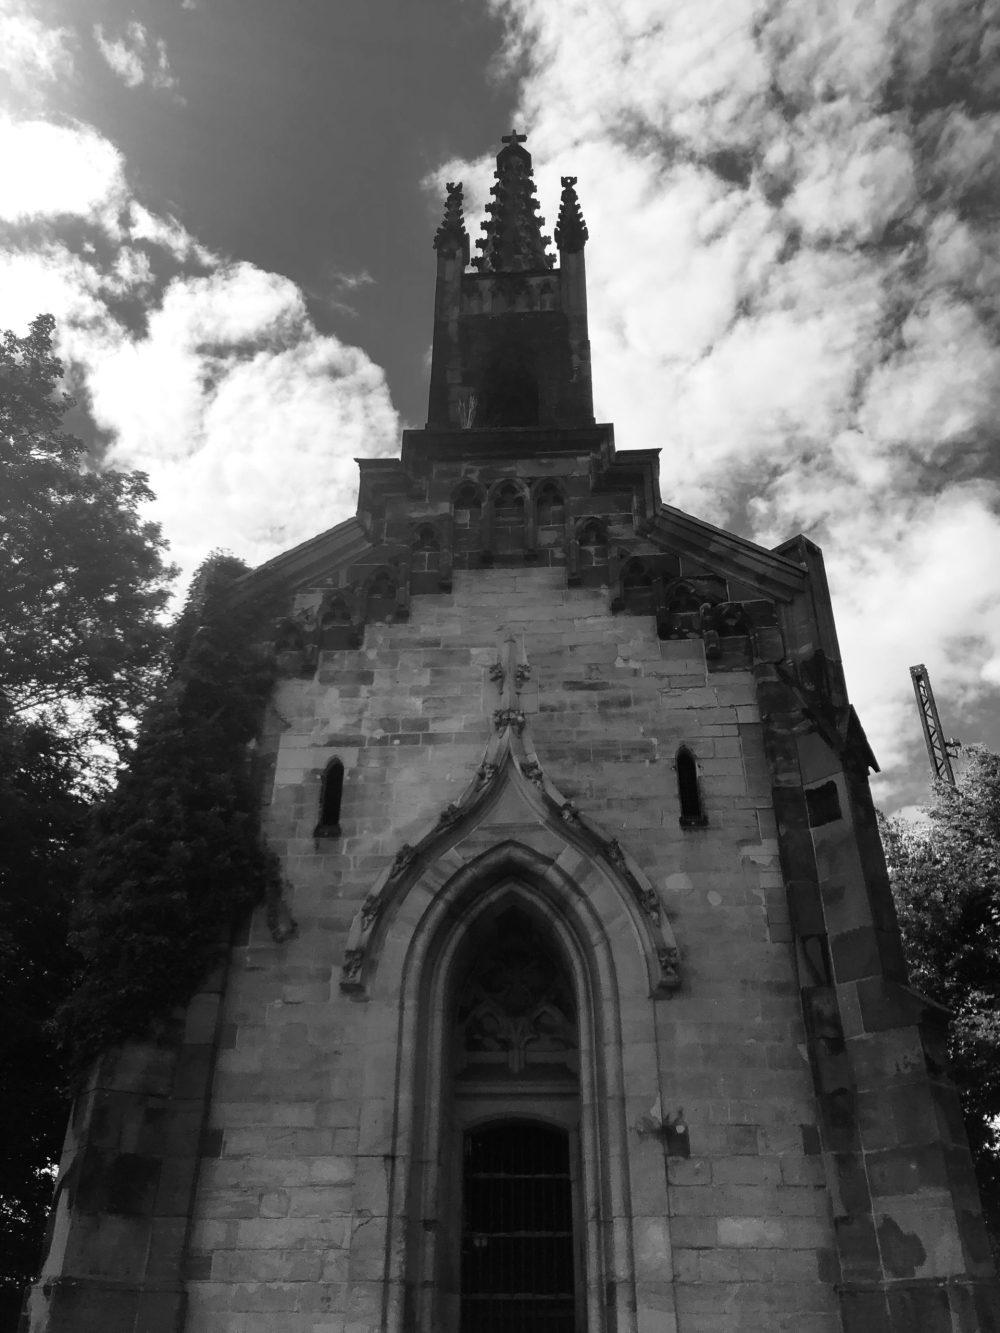 Kleine Kapelle in schwarz und weiß